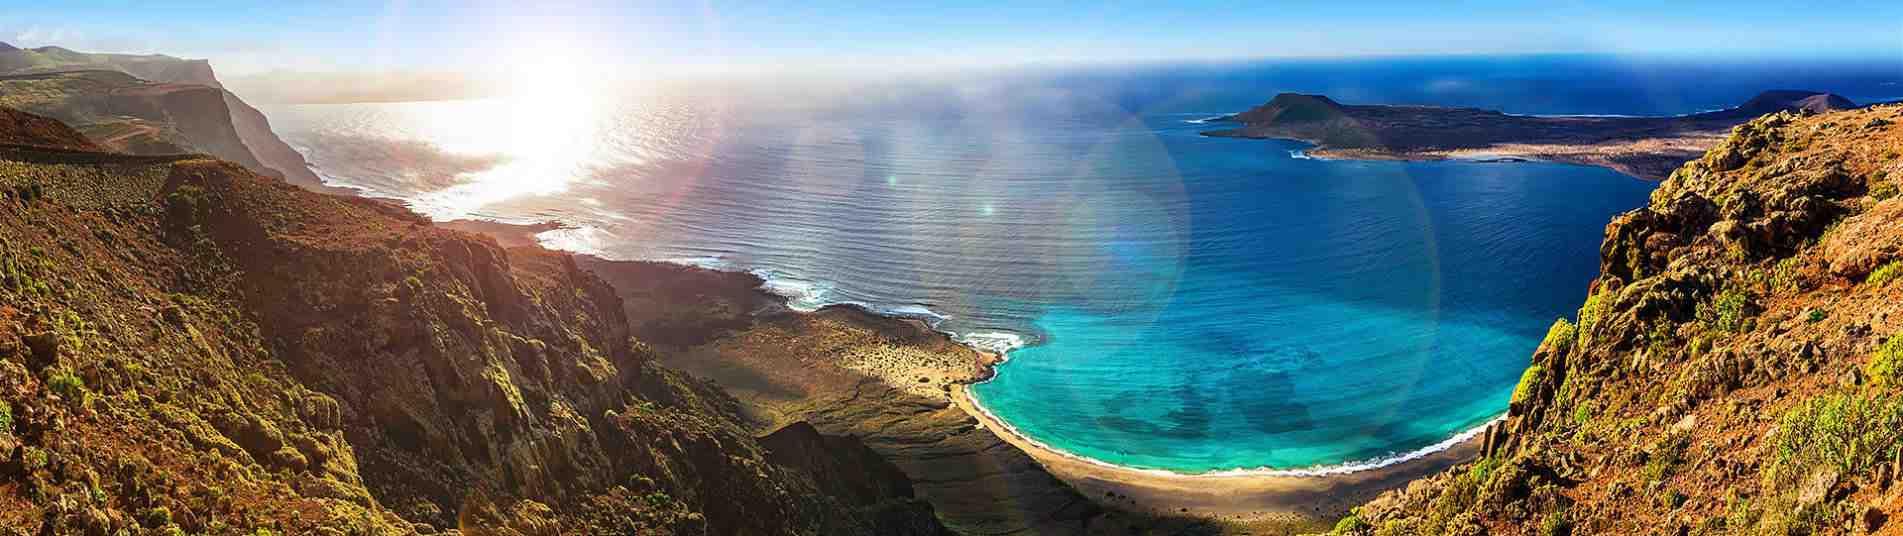 Quelle est la meilleure saison pour aller aux Canaries ?